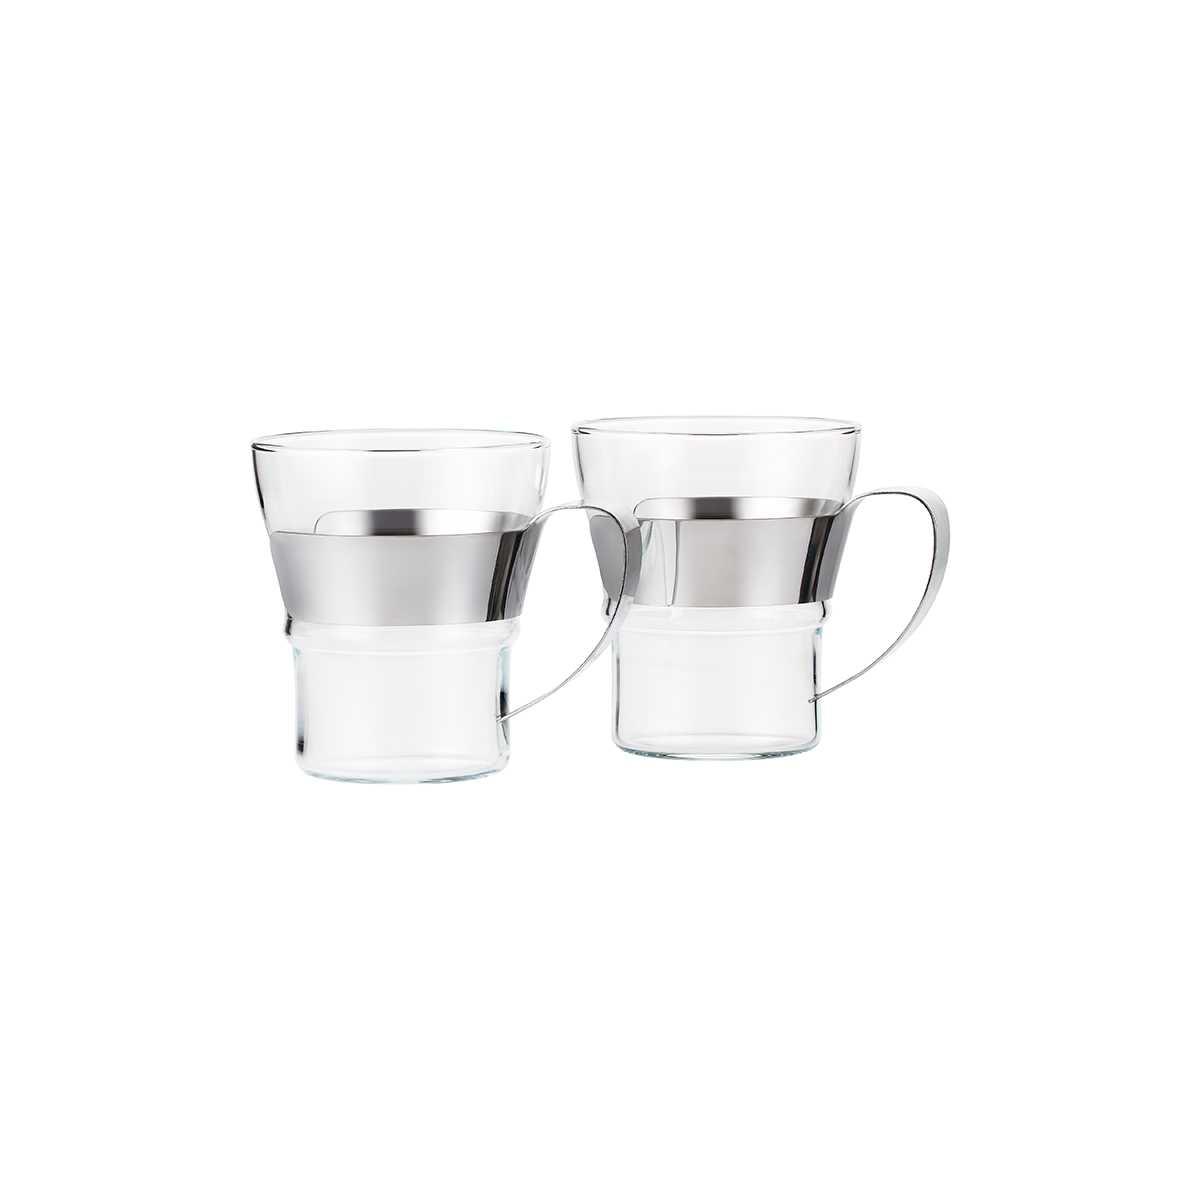 Онлайн каталог PROMENU: Набор чашек 0,3 л, 2 шт Bodum Assam  (4552-16) Bodum 4552-16